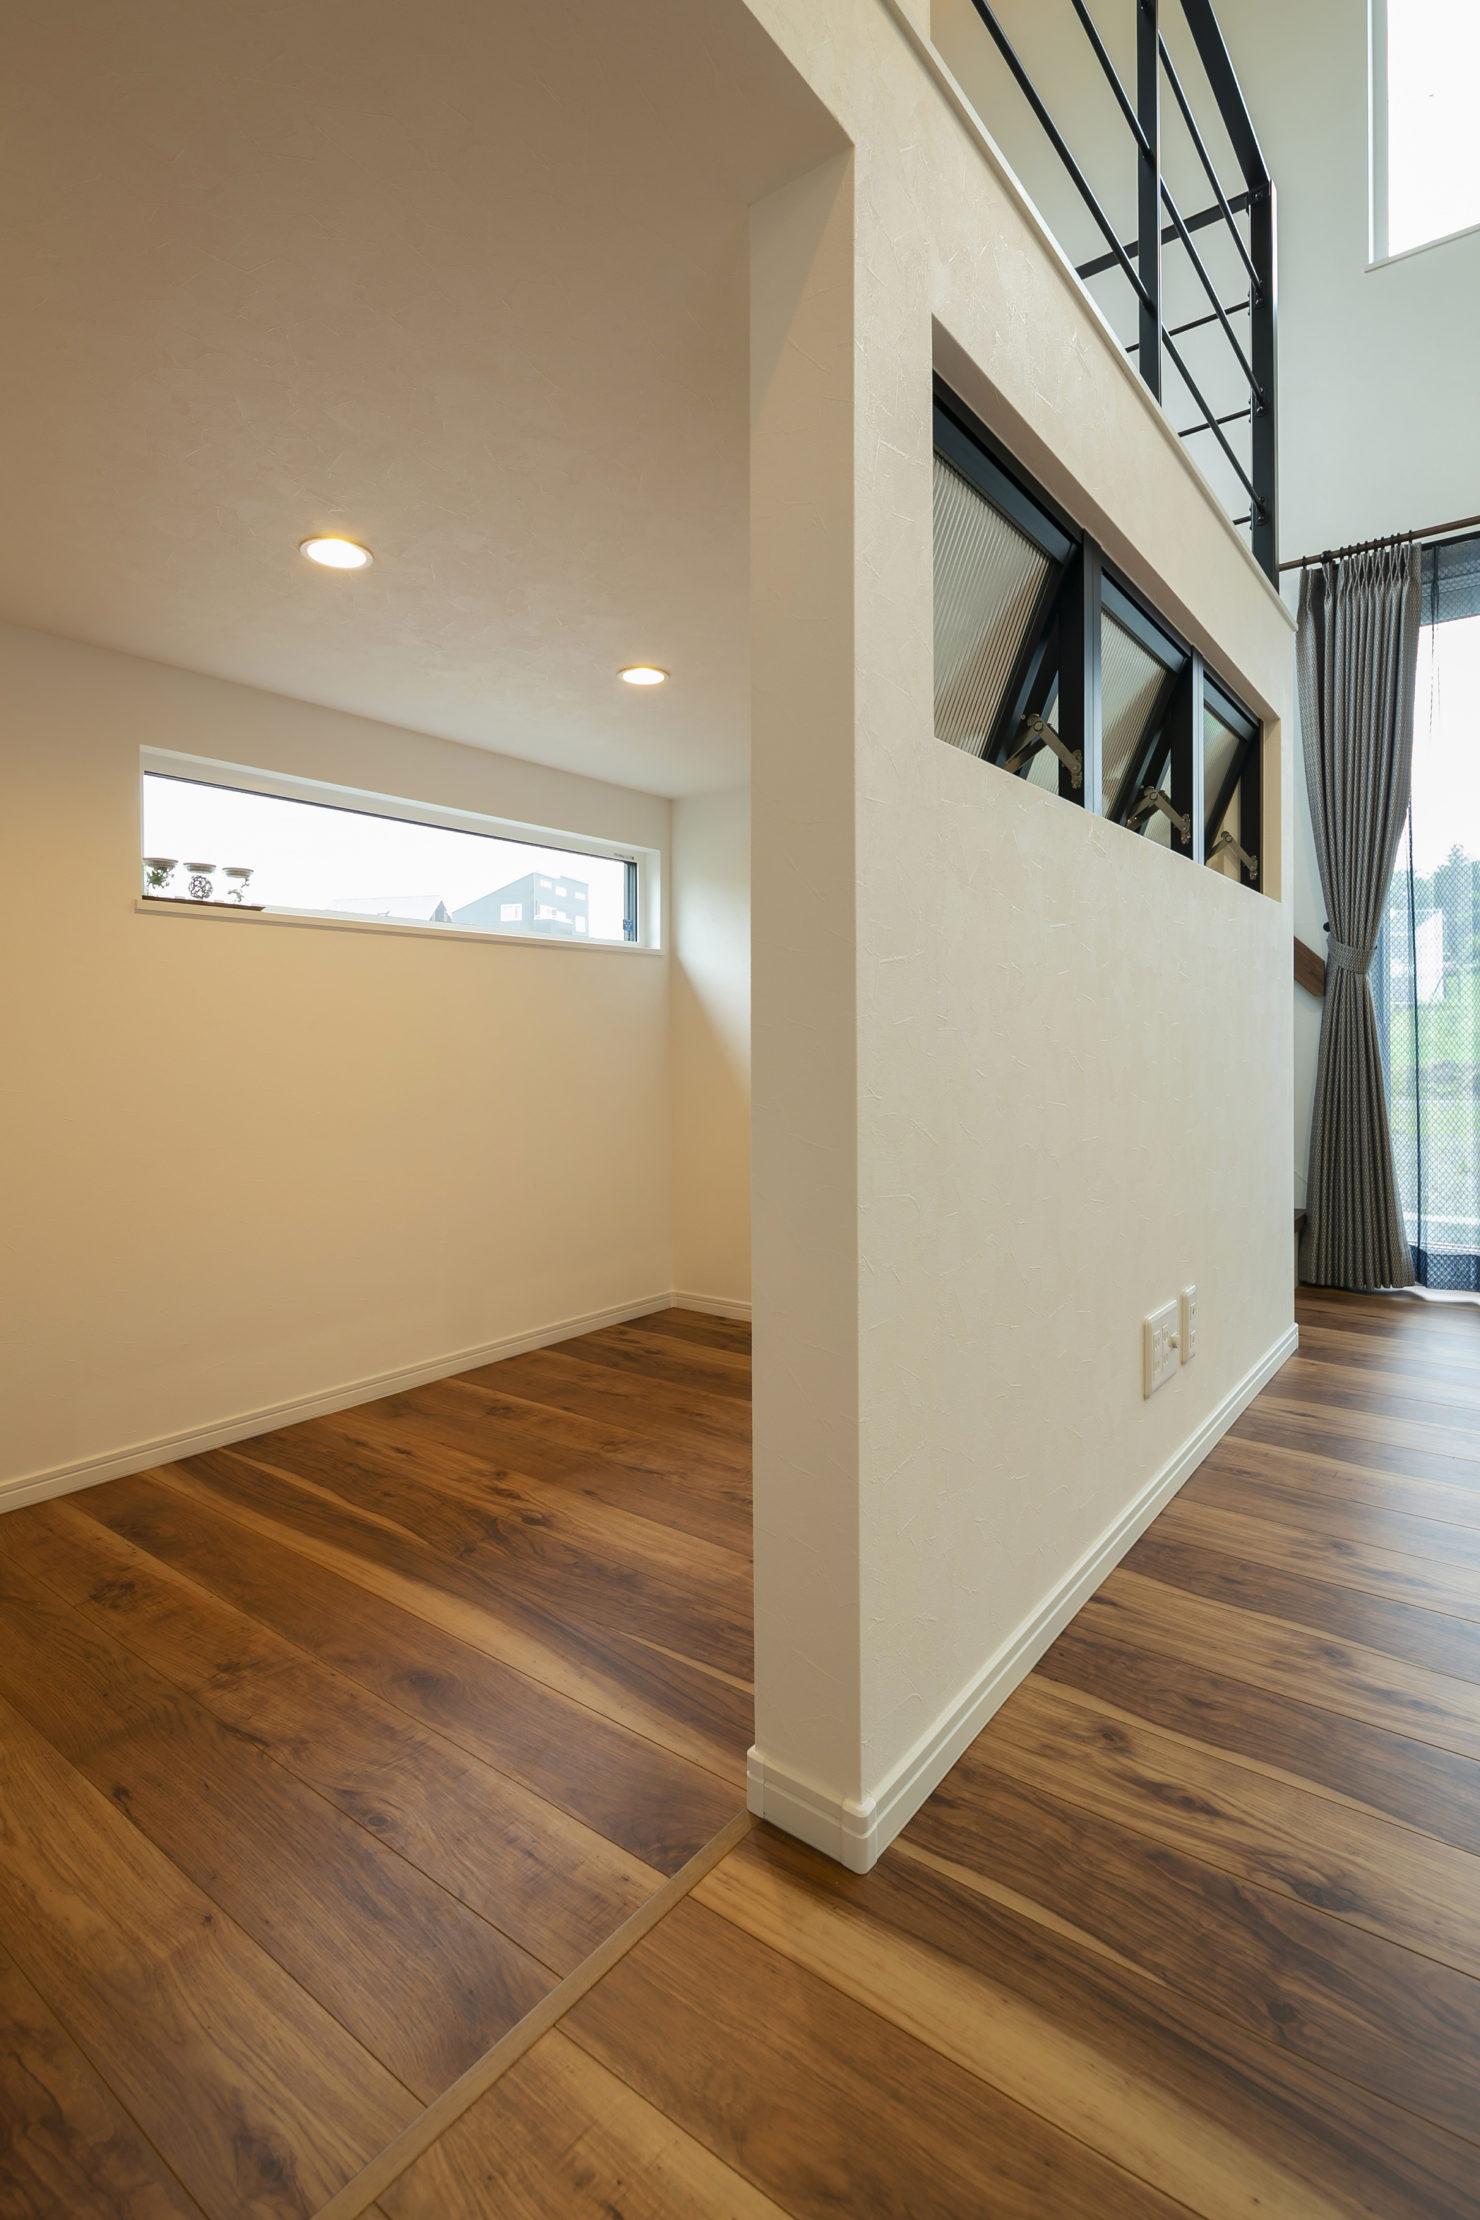 「実用的なオールラウンド動線と中二階などの面白い・楽しい空間」小屋裏収納写真